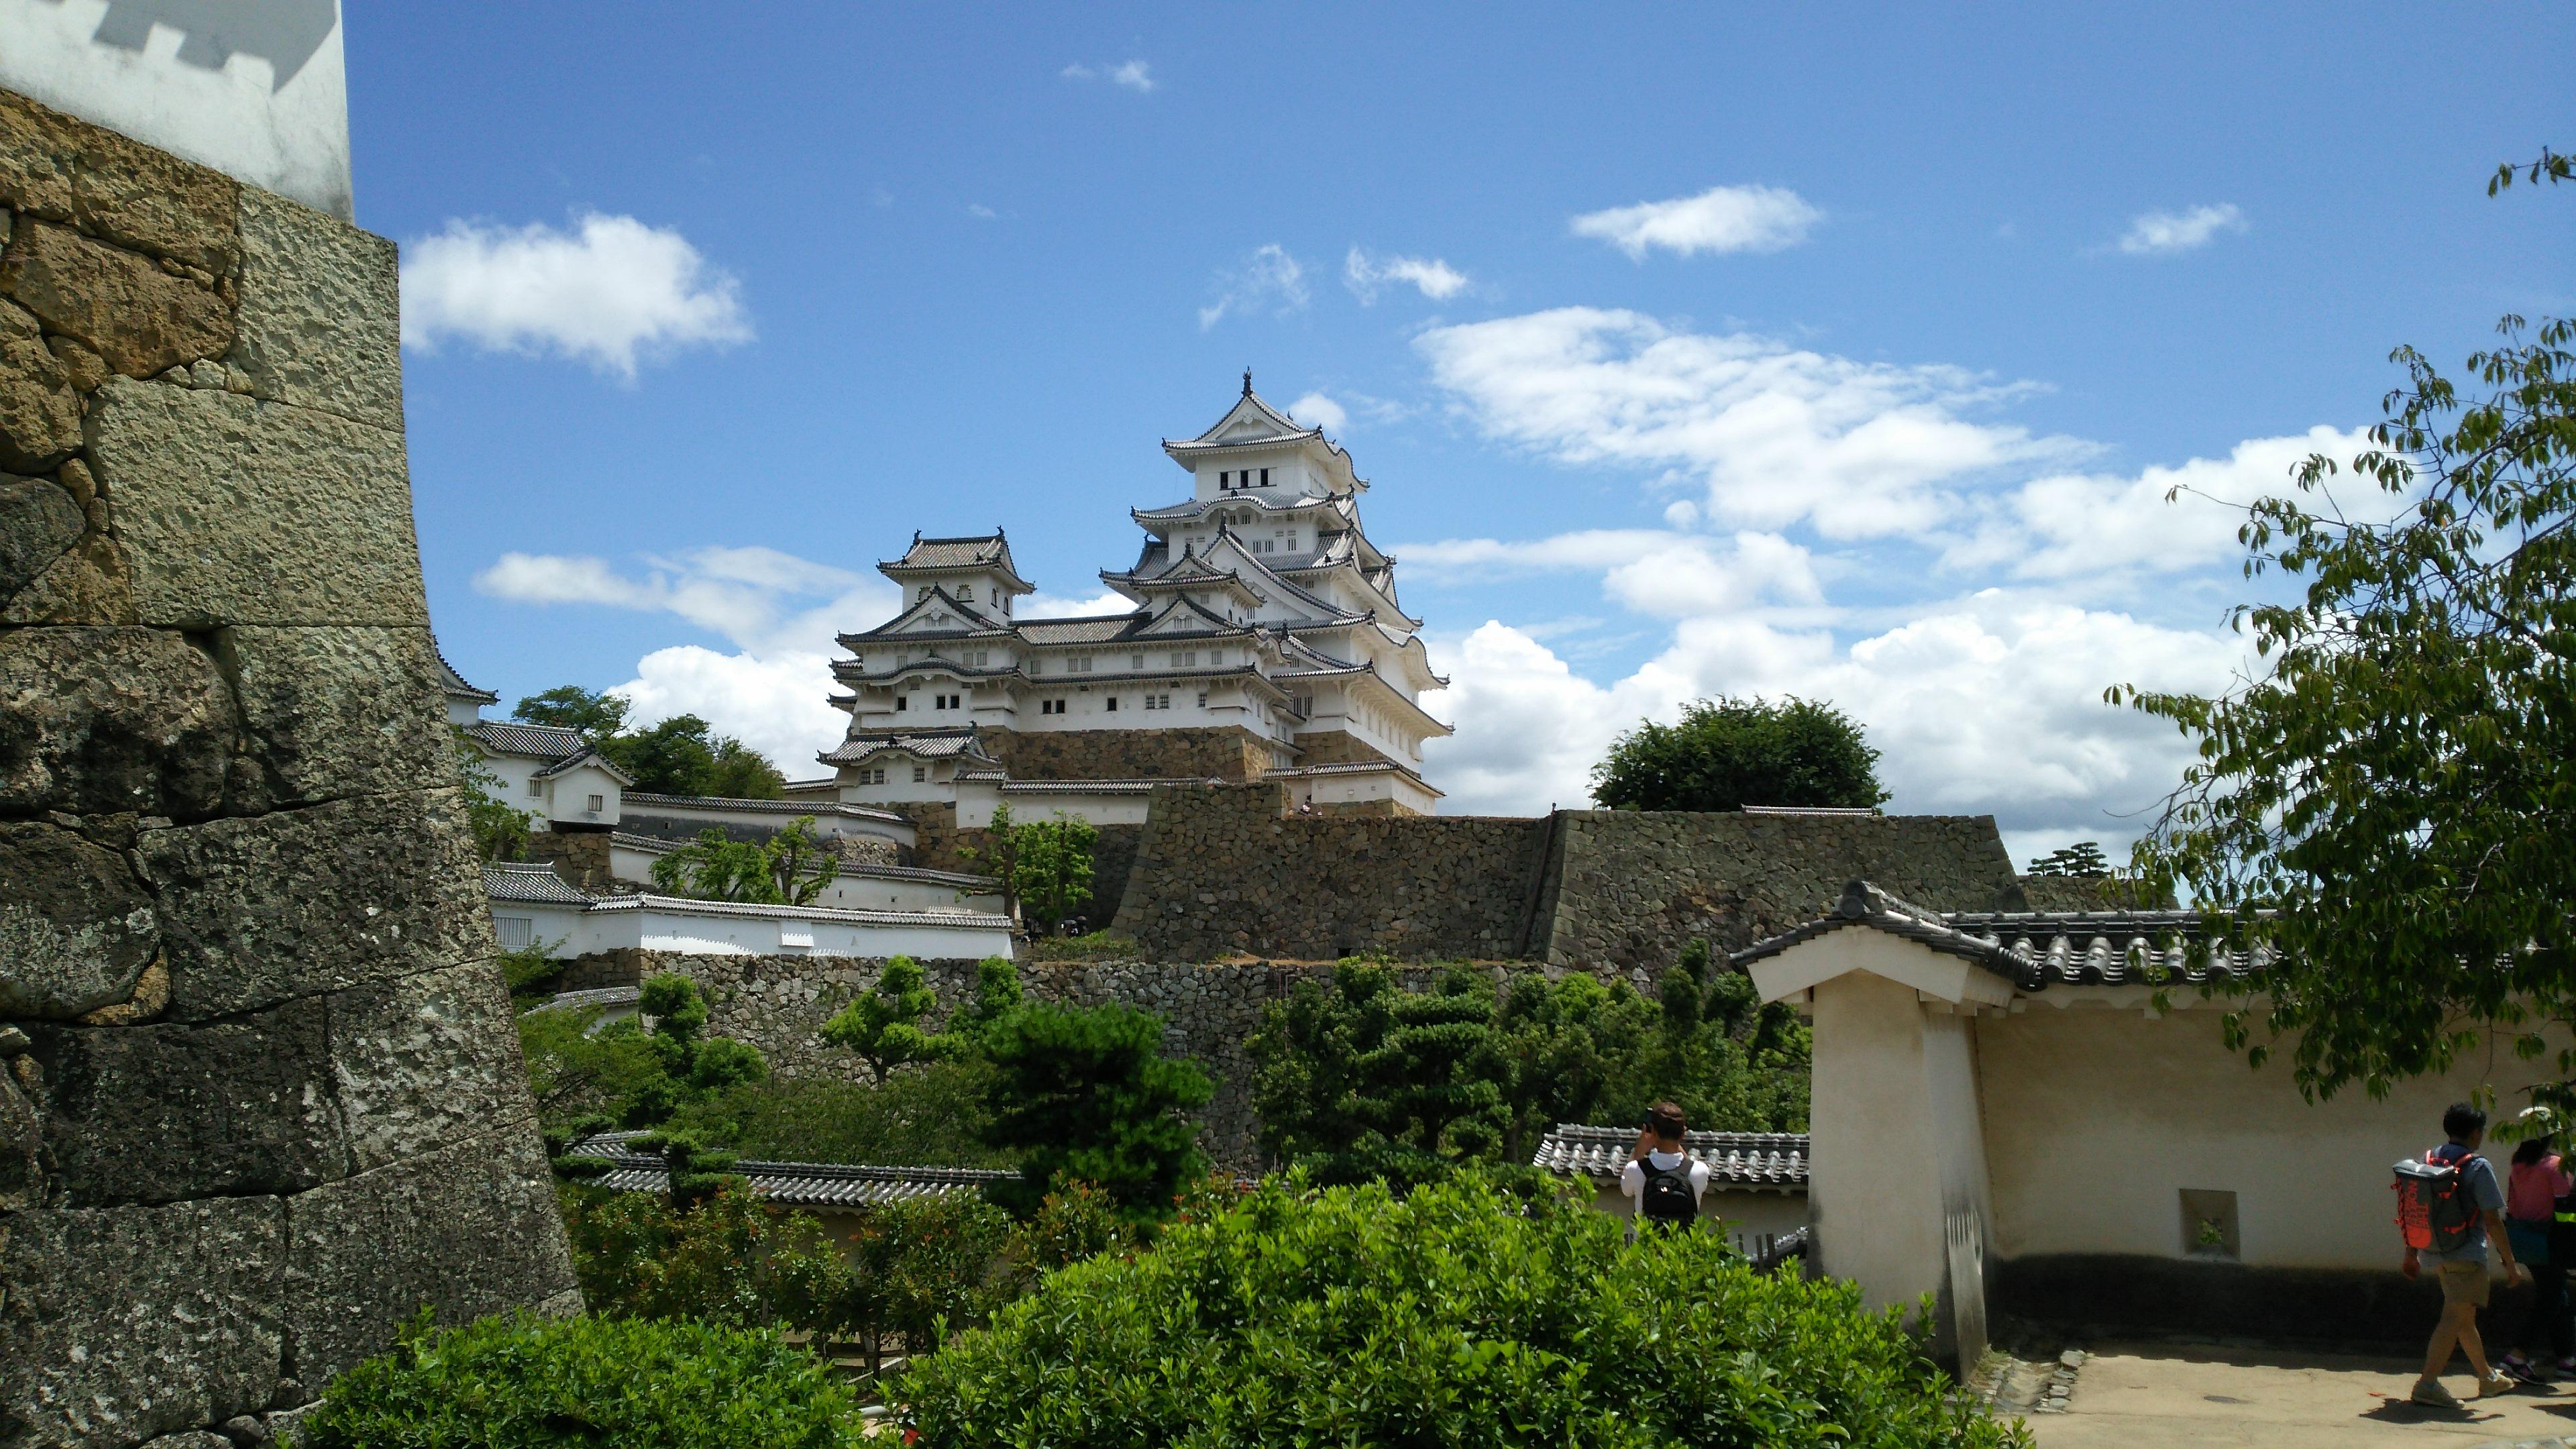 富田林大阪狭山市で旅の途中で事故やケガをして途方にくれたらくめ鍼灸整骨院へお越しくださいませ。